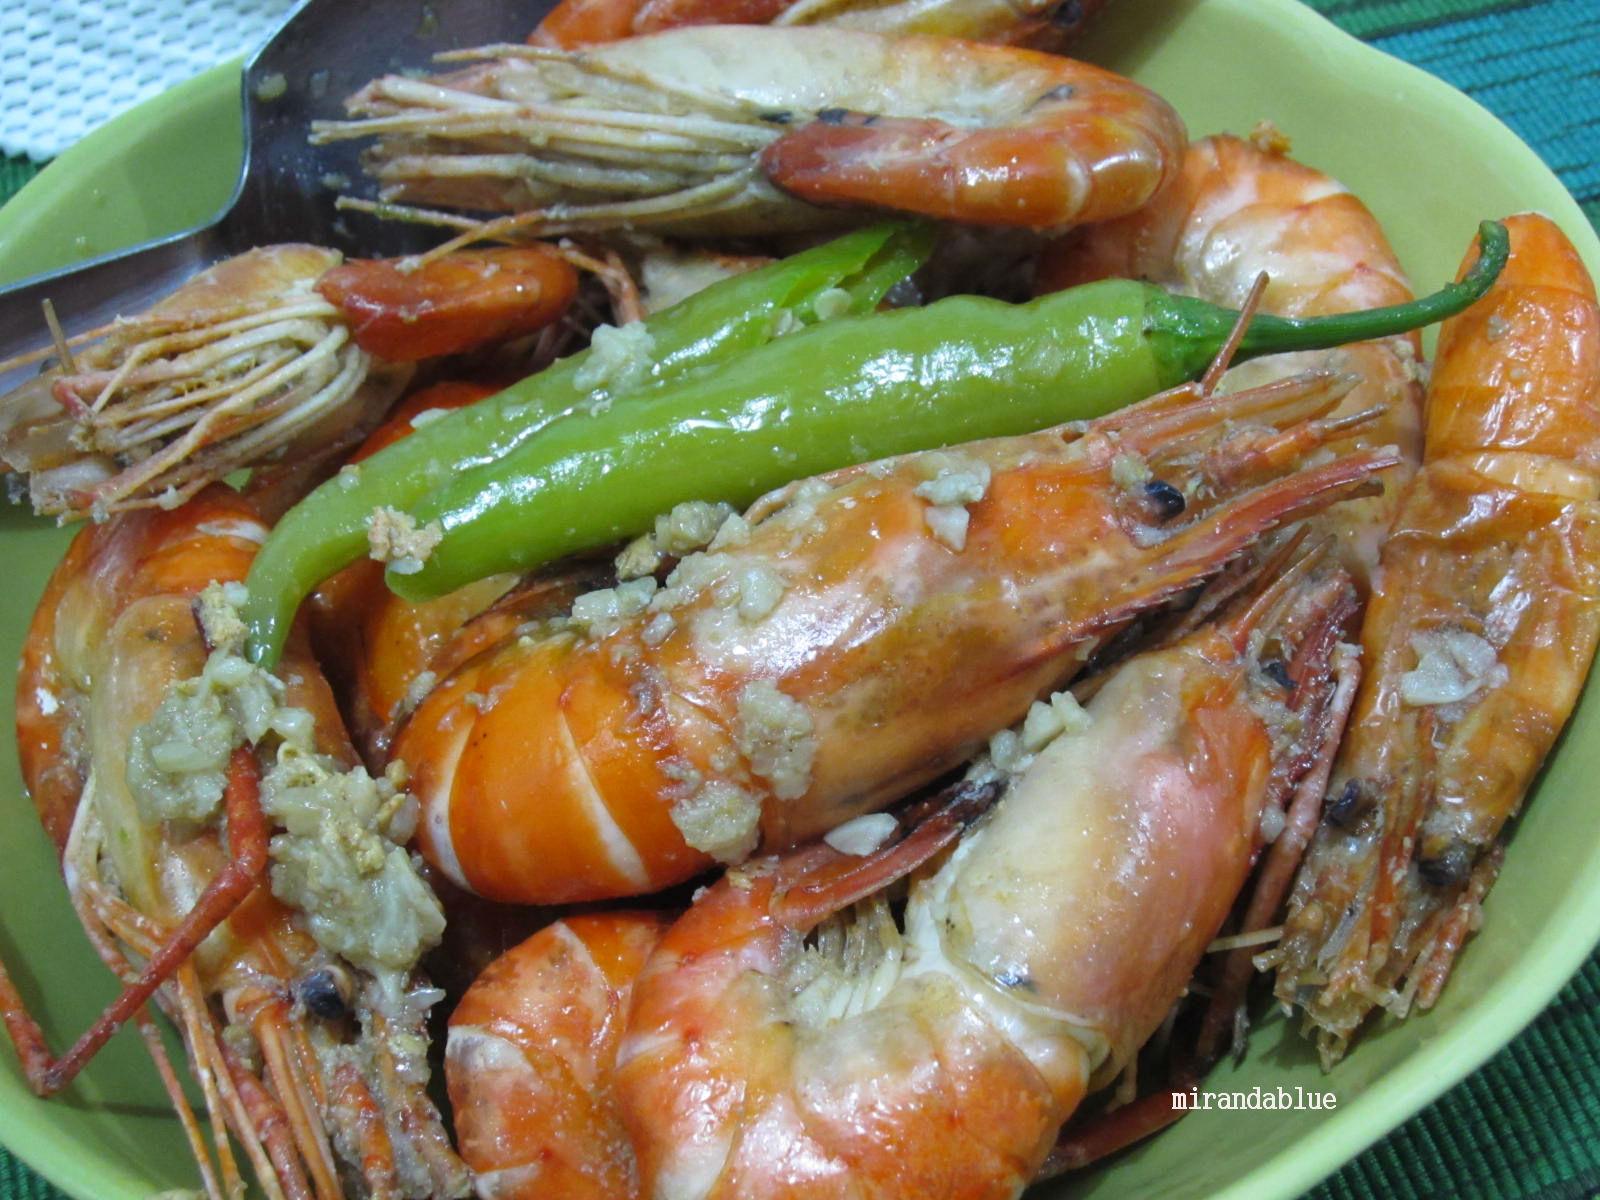 Miranda Crawfish Ulang